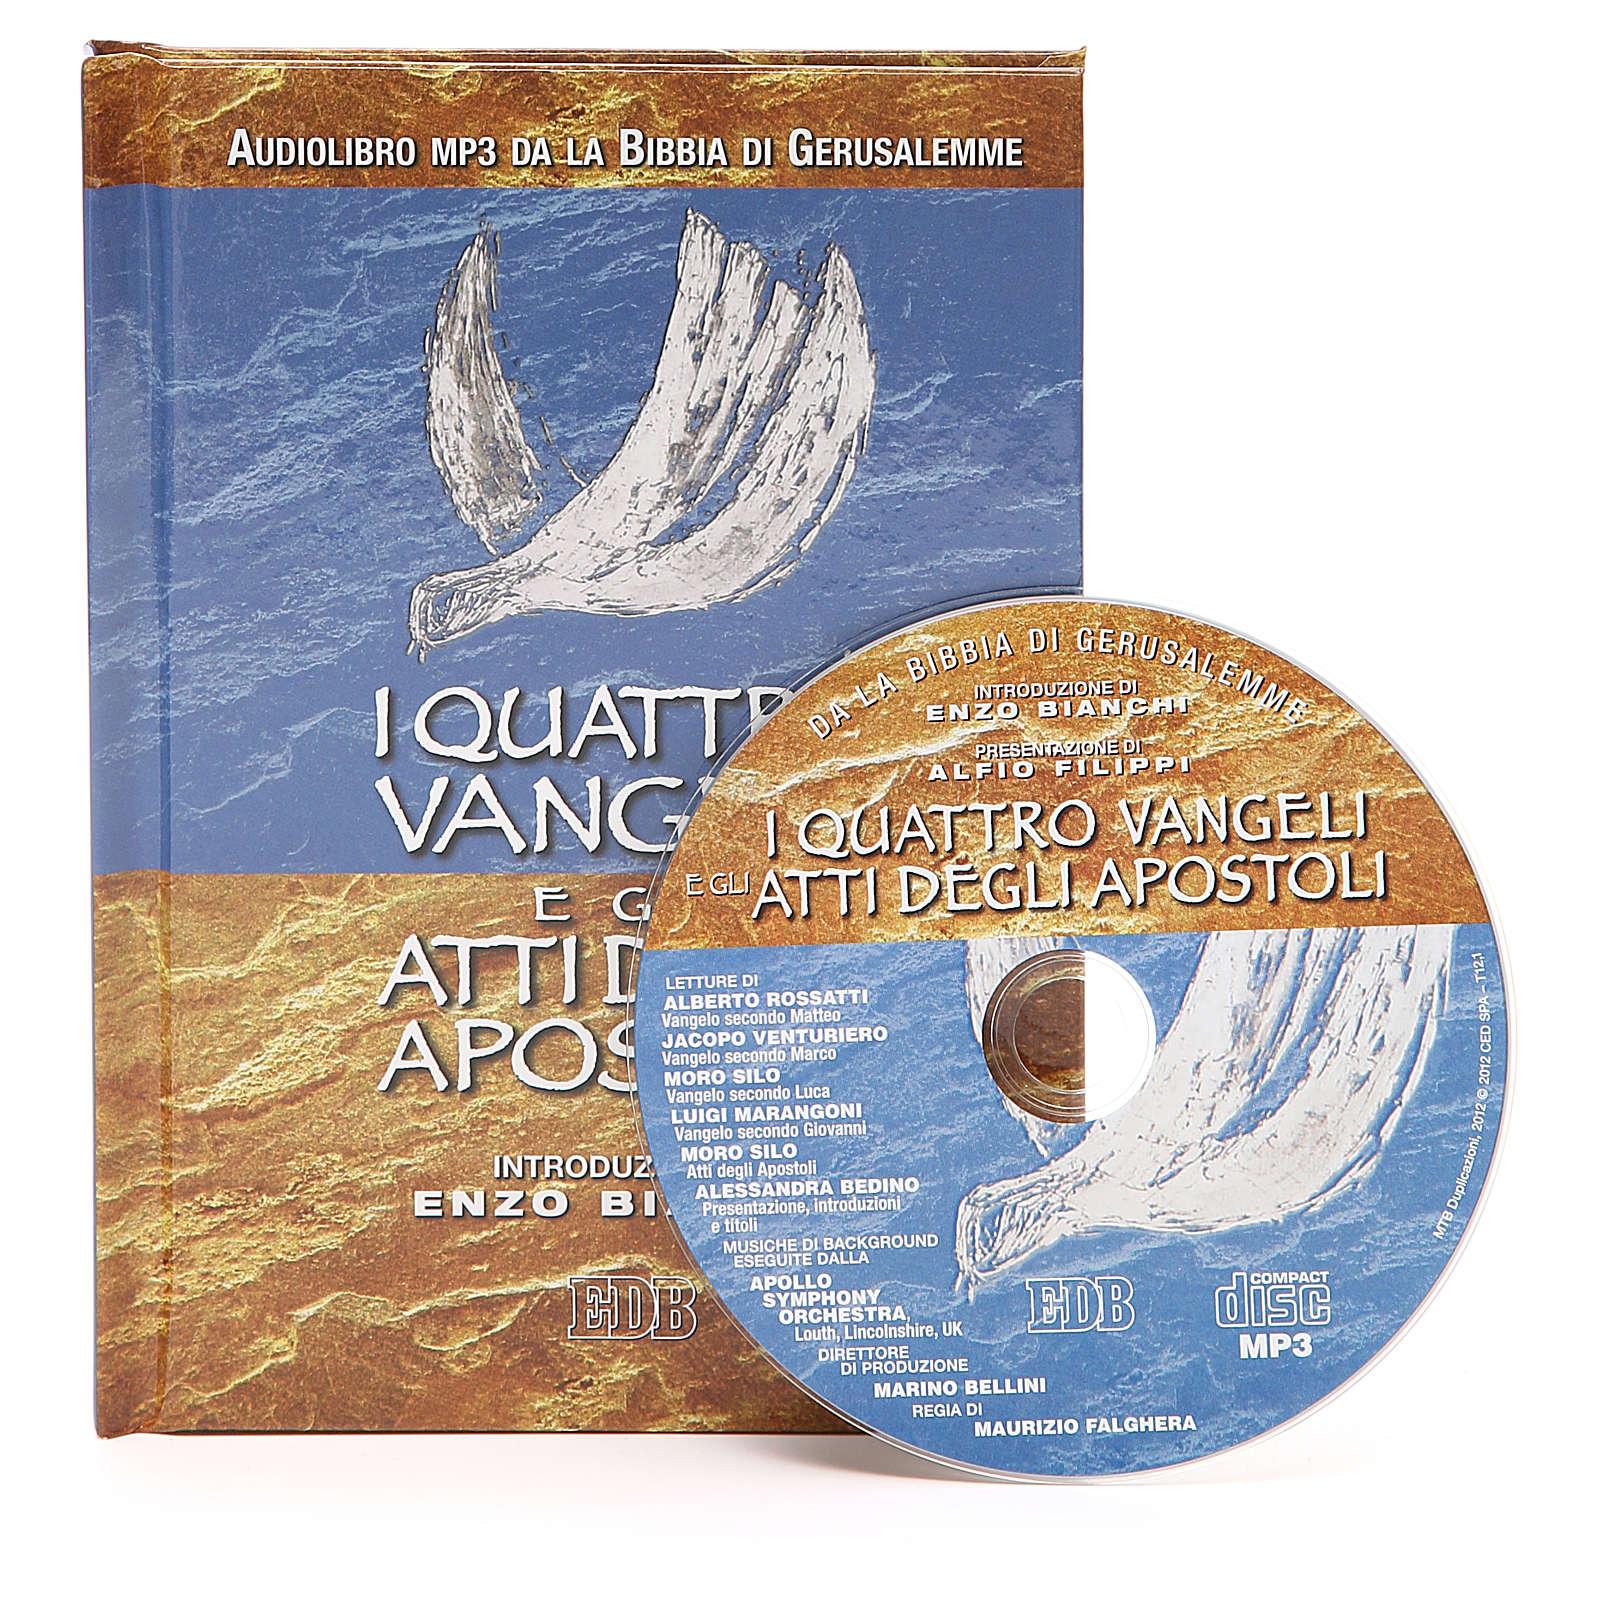 Quattro Vangeli e gli Atti degli Apostoli cd 4